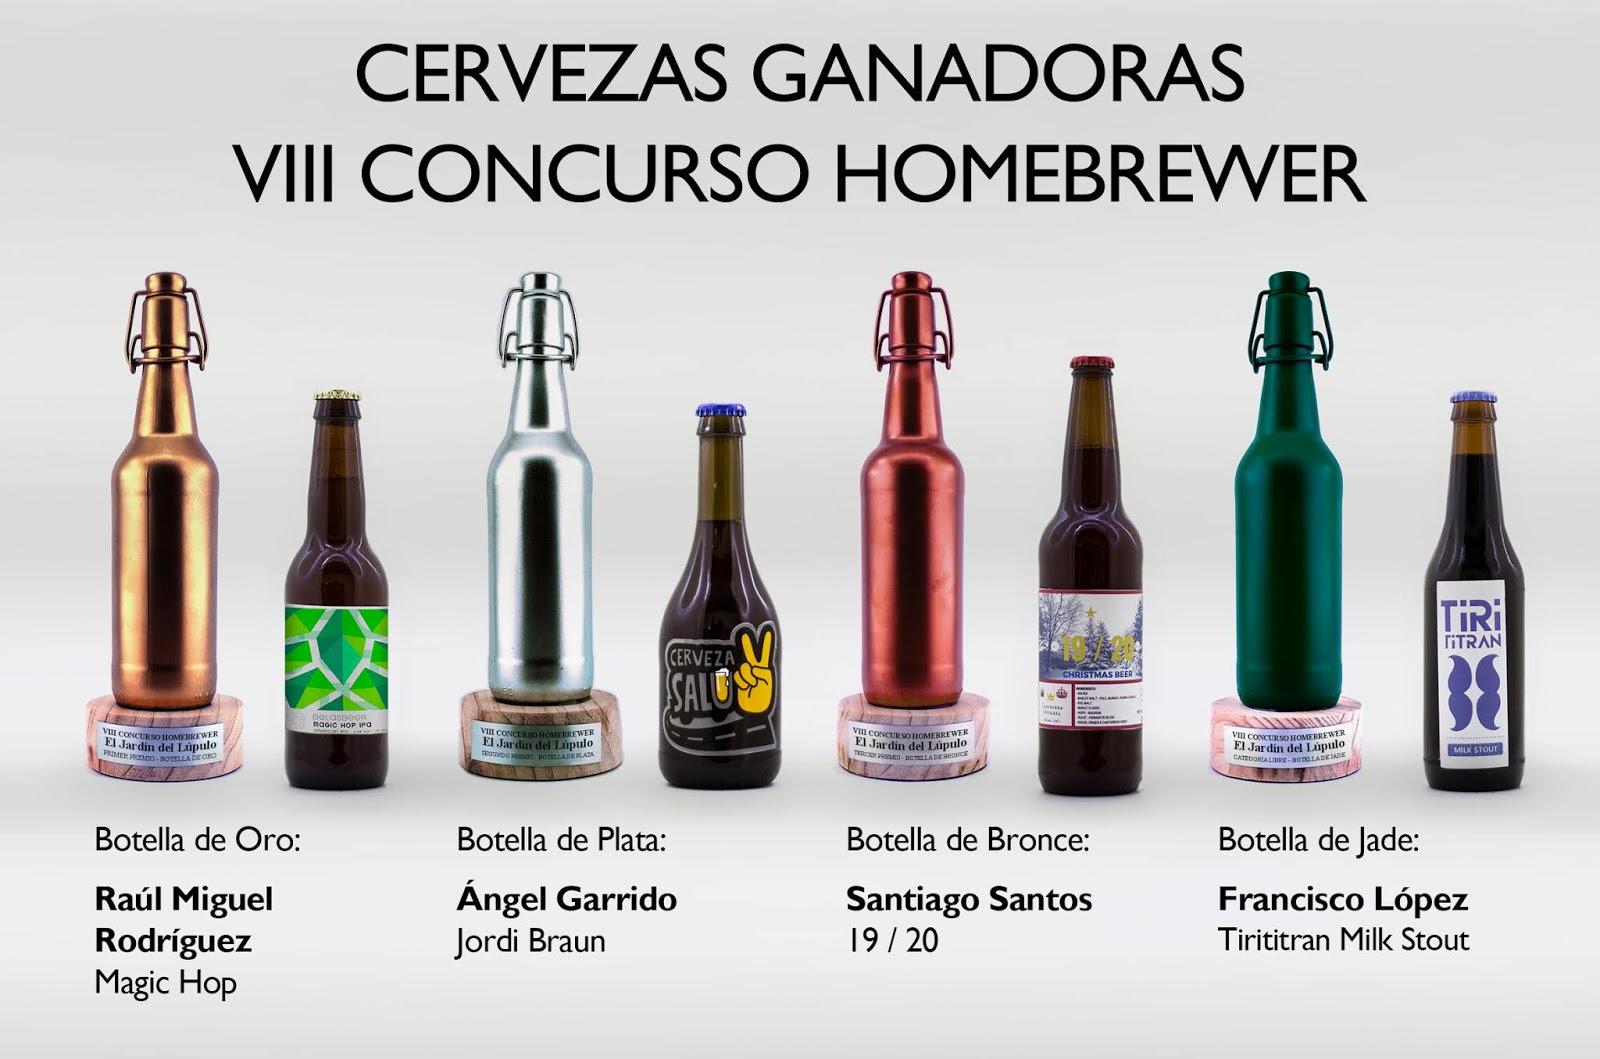 Cervezas Ganadoras del VIII Concurso Homebrewer